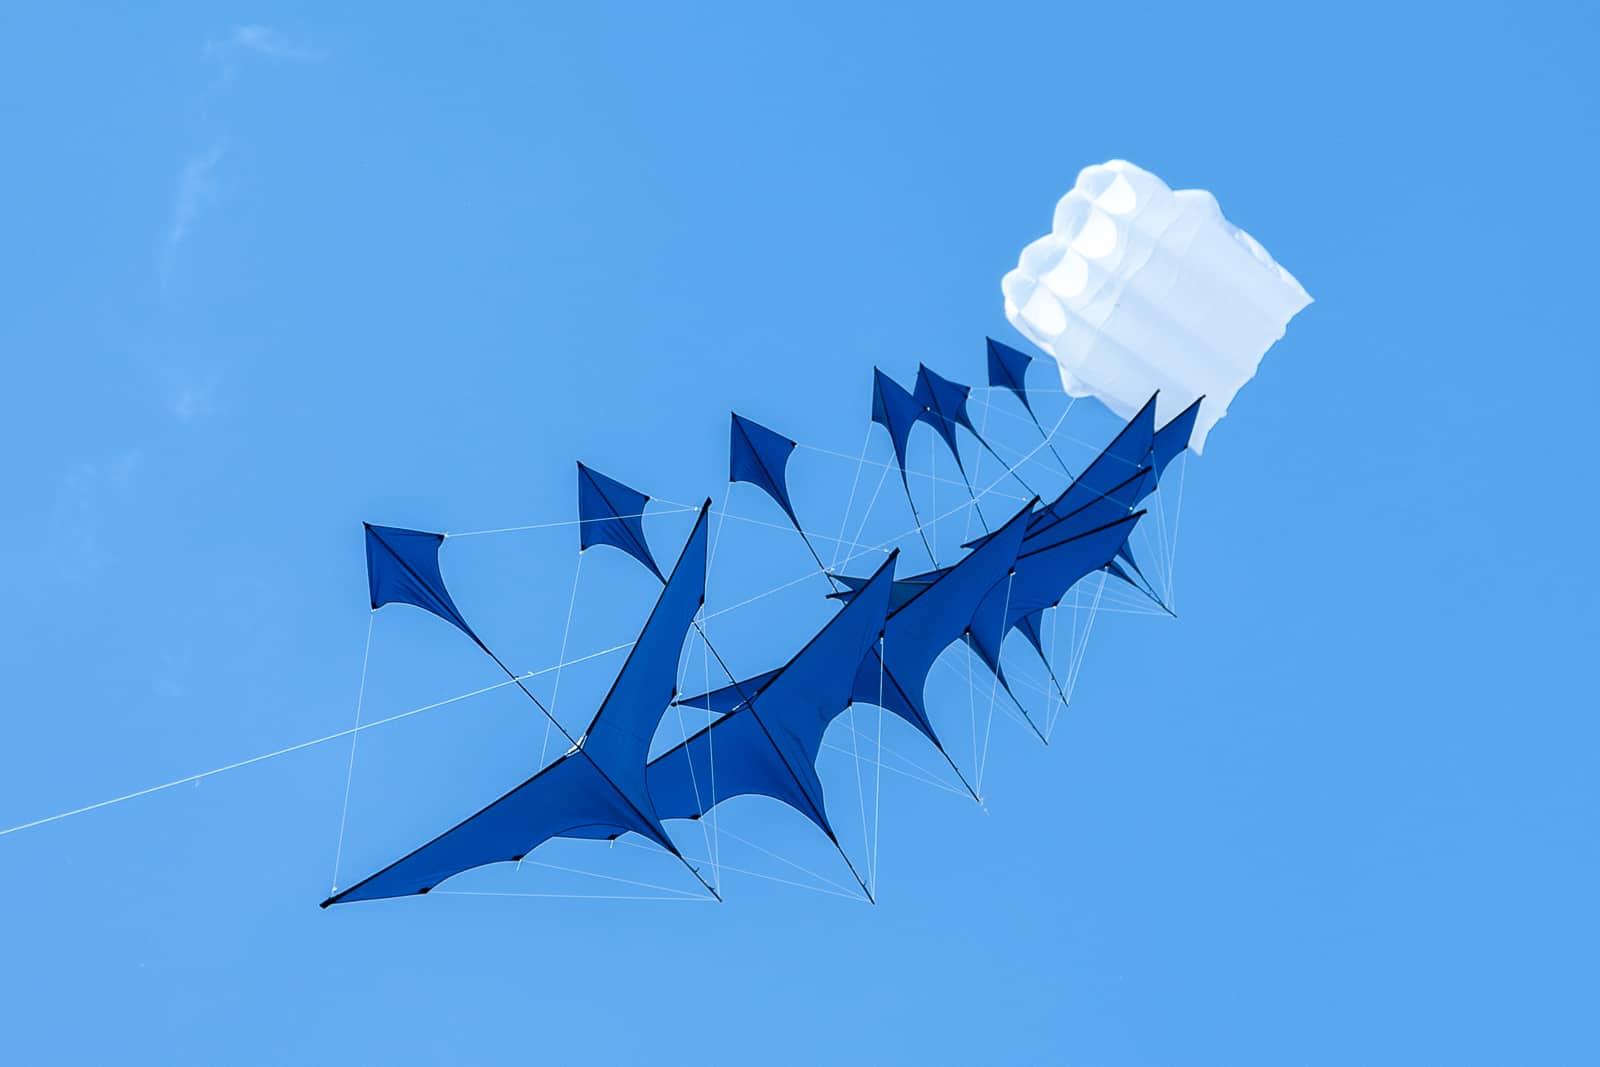 Воздушный змей своими руками AlexGyver Technologies 18